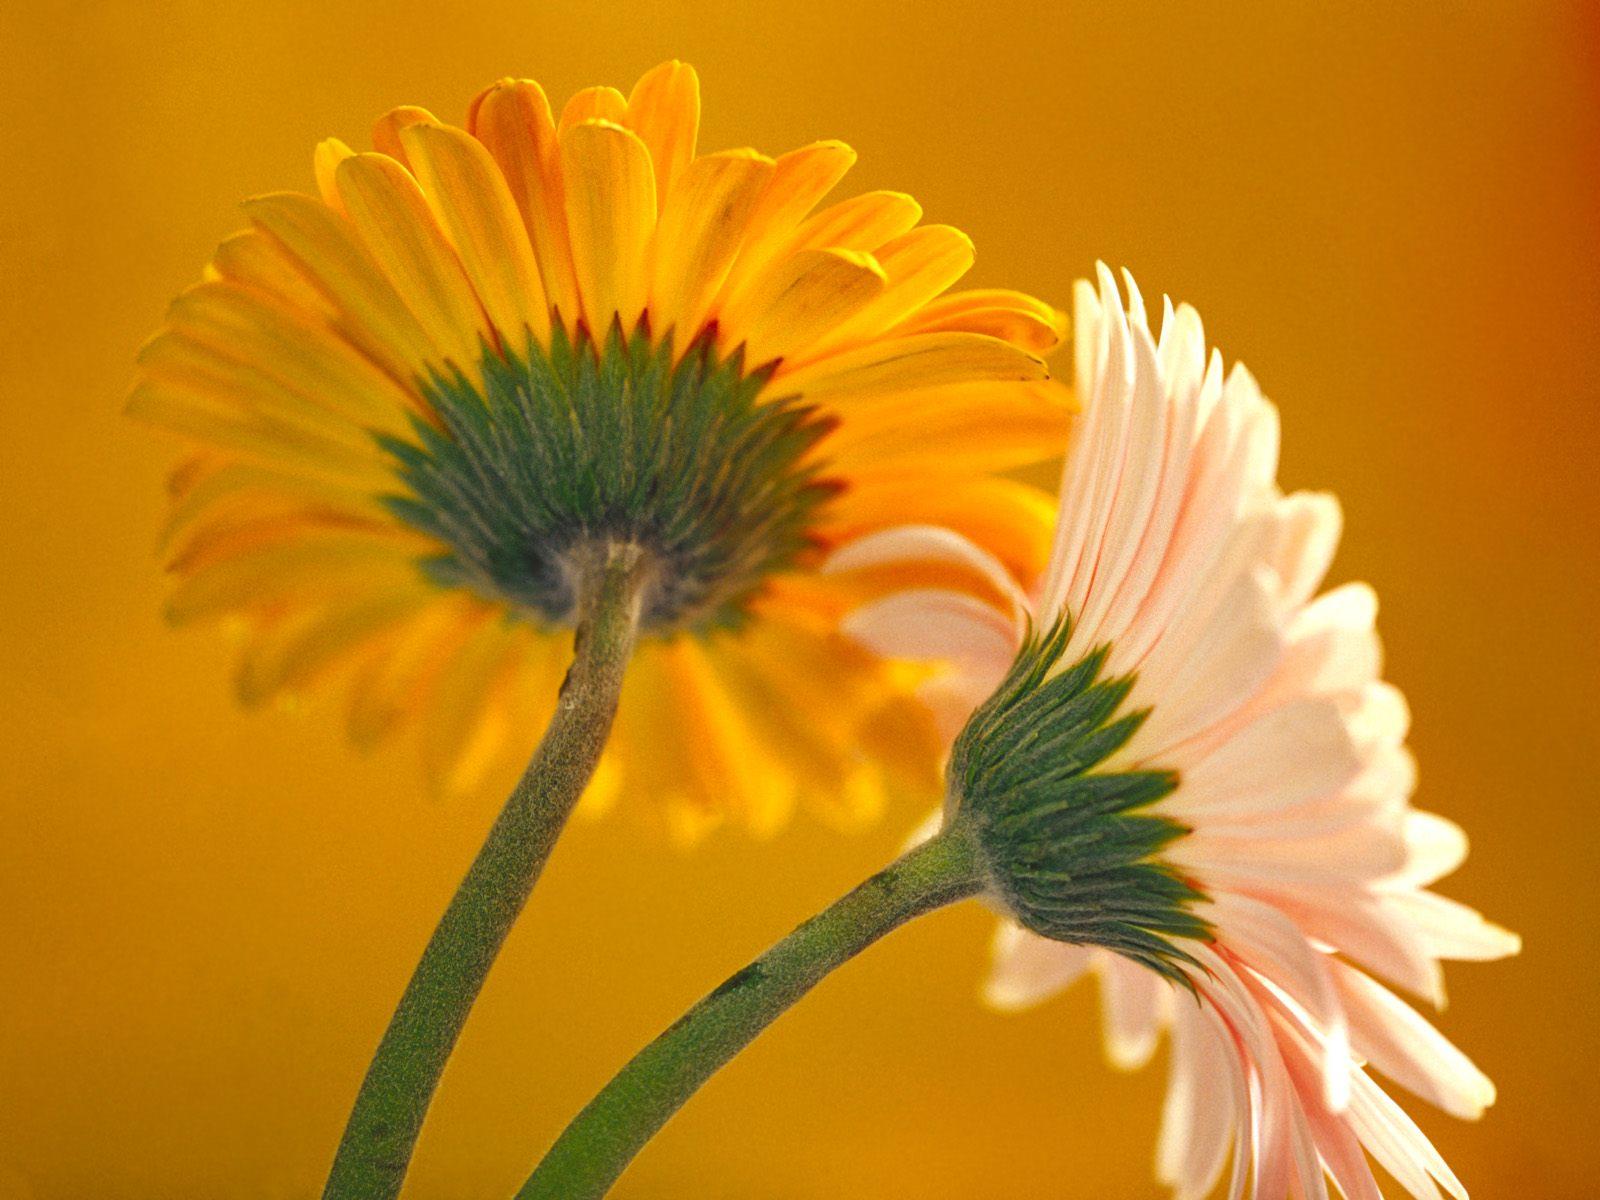 http://1.bp.blogspot.com/-q7auCDw5dt0/UUbUElxIlBI/AAAAAAAADJU/b81GIjLRGCs/s1600/flowers_Gerbera_Daisies_1600x1200_wallpaper.jpg